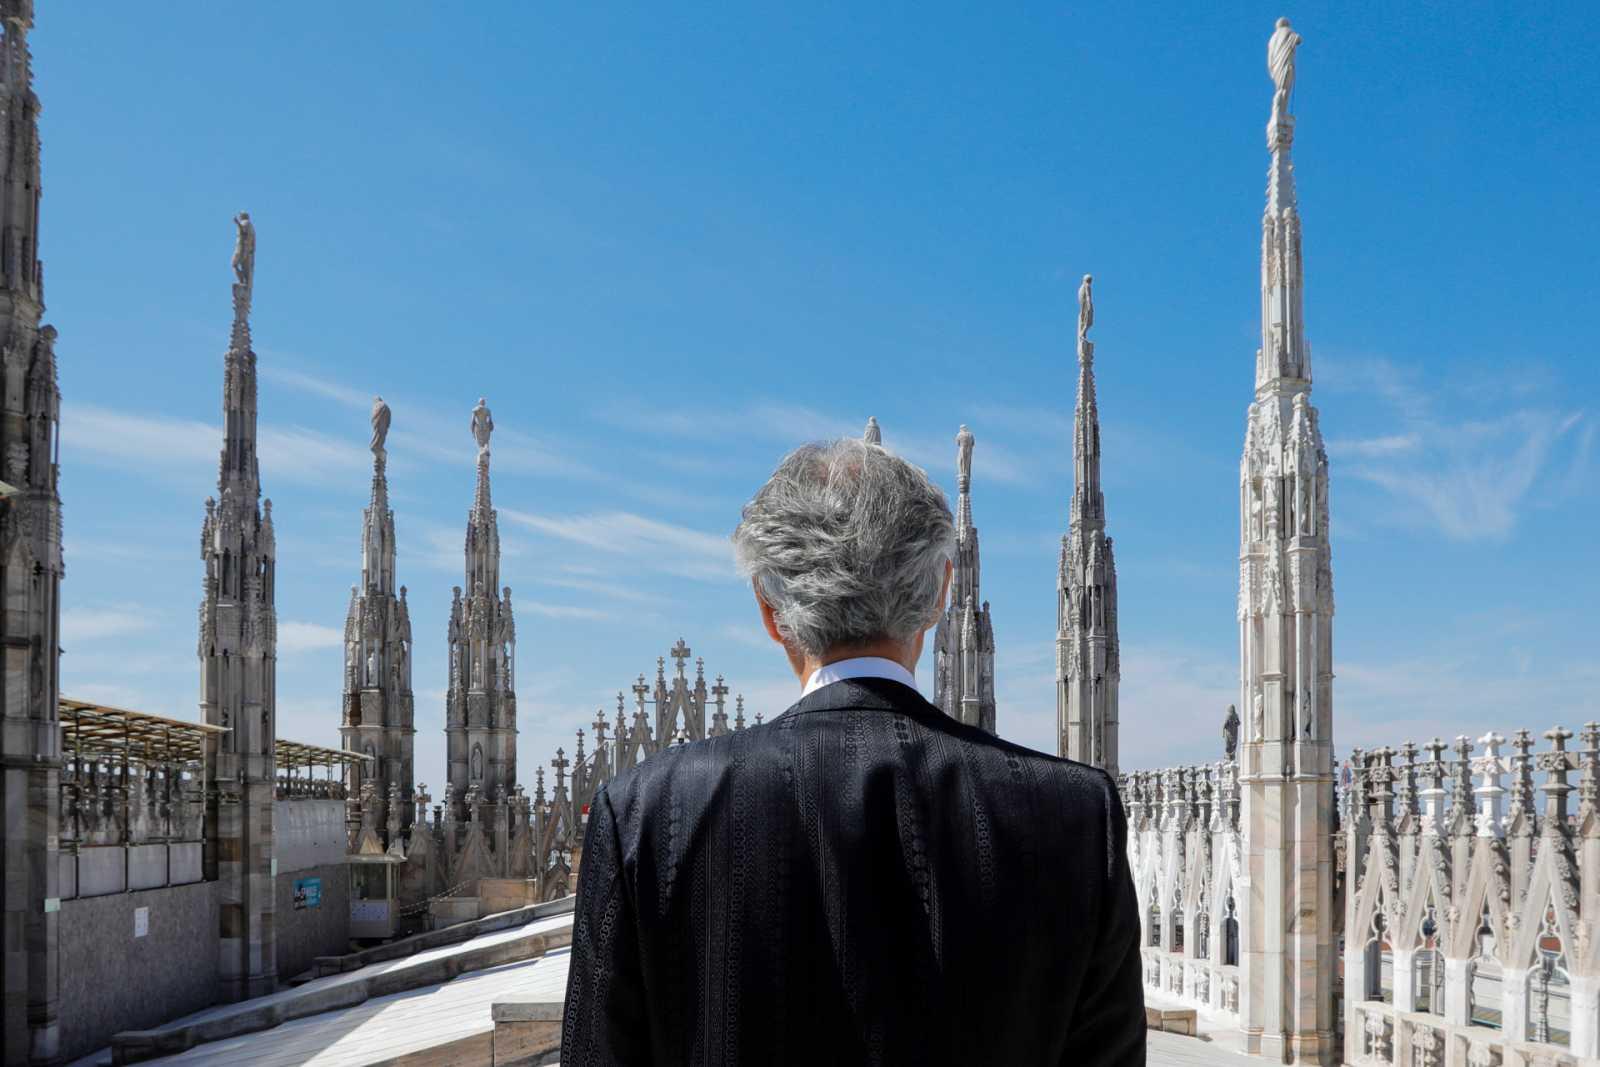 Andrea Bocelli canta desde el Duomo de Milán vacío en su concierto gratis y en redes sociales durante la pandemia del coronavirus